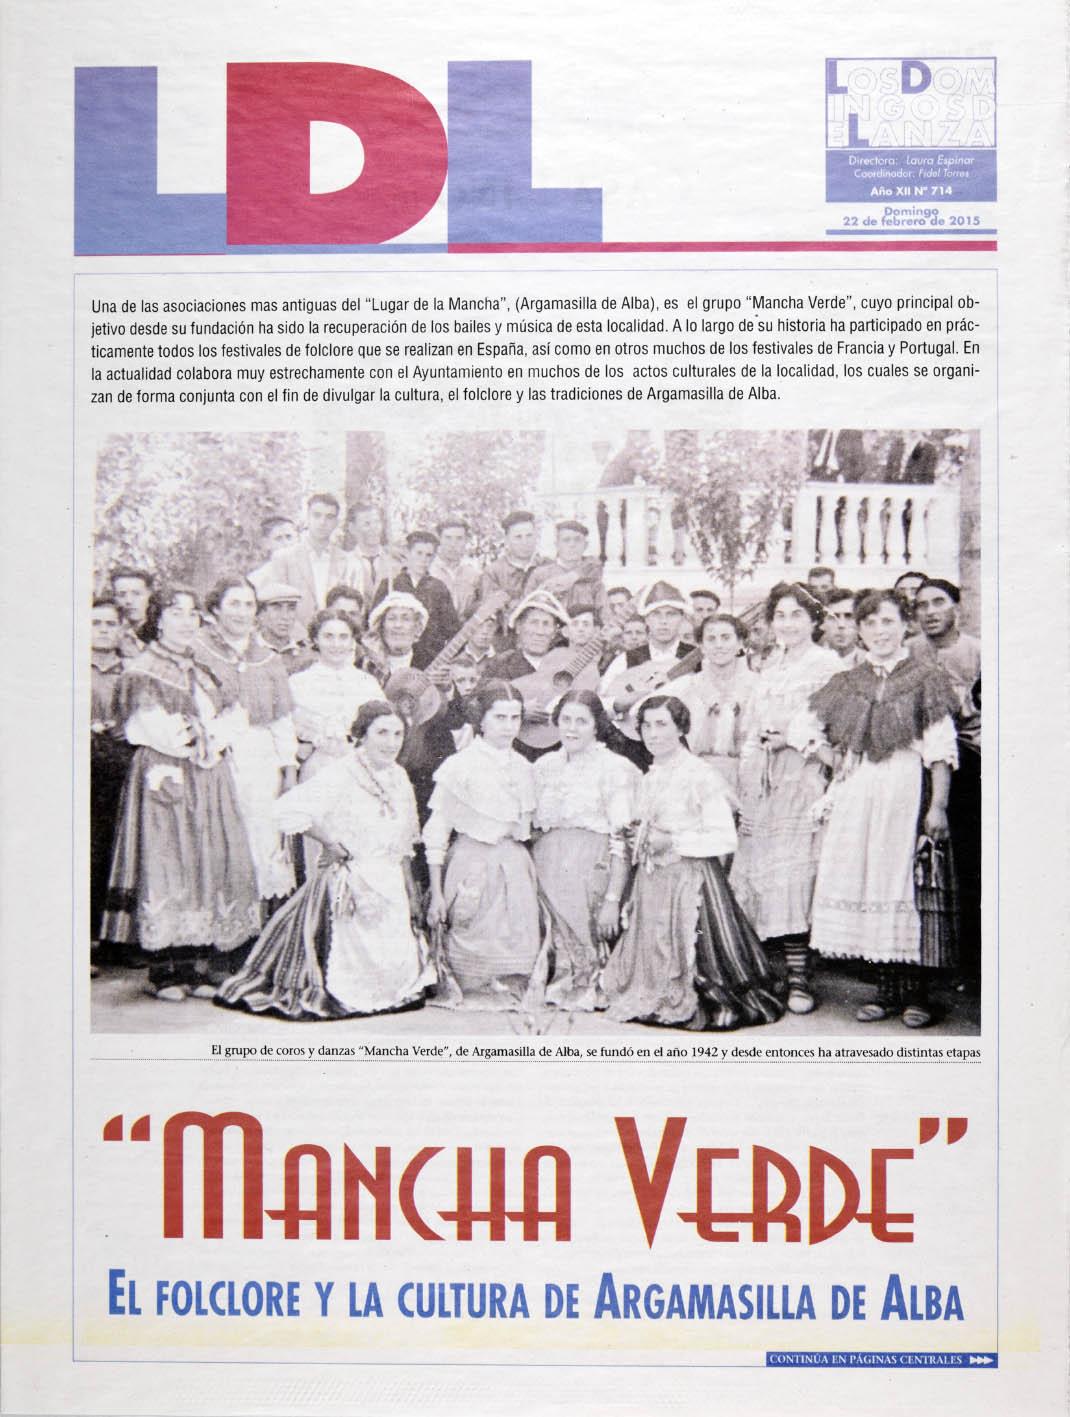 Prensa_Mancha Verde_Dominical Lanza